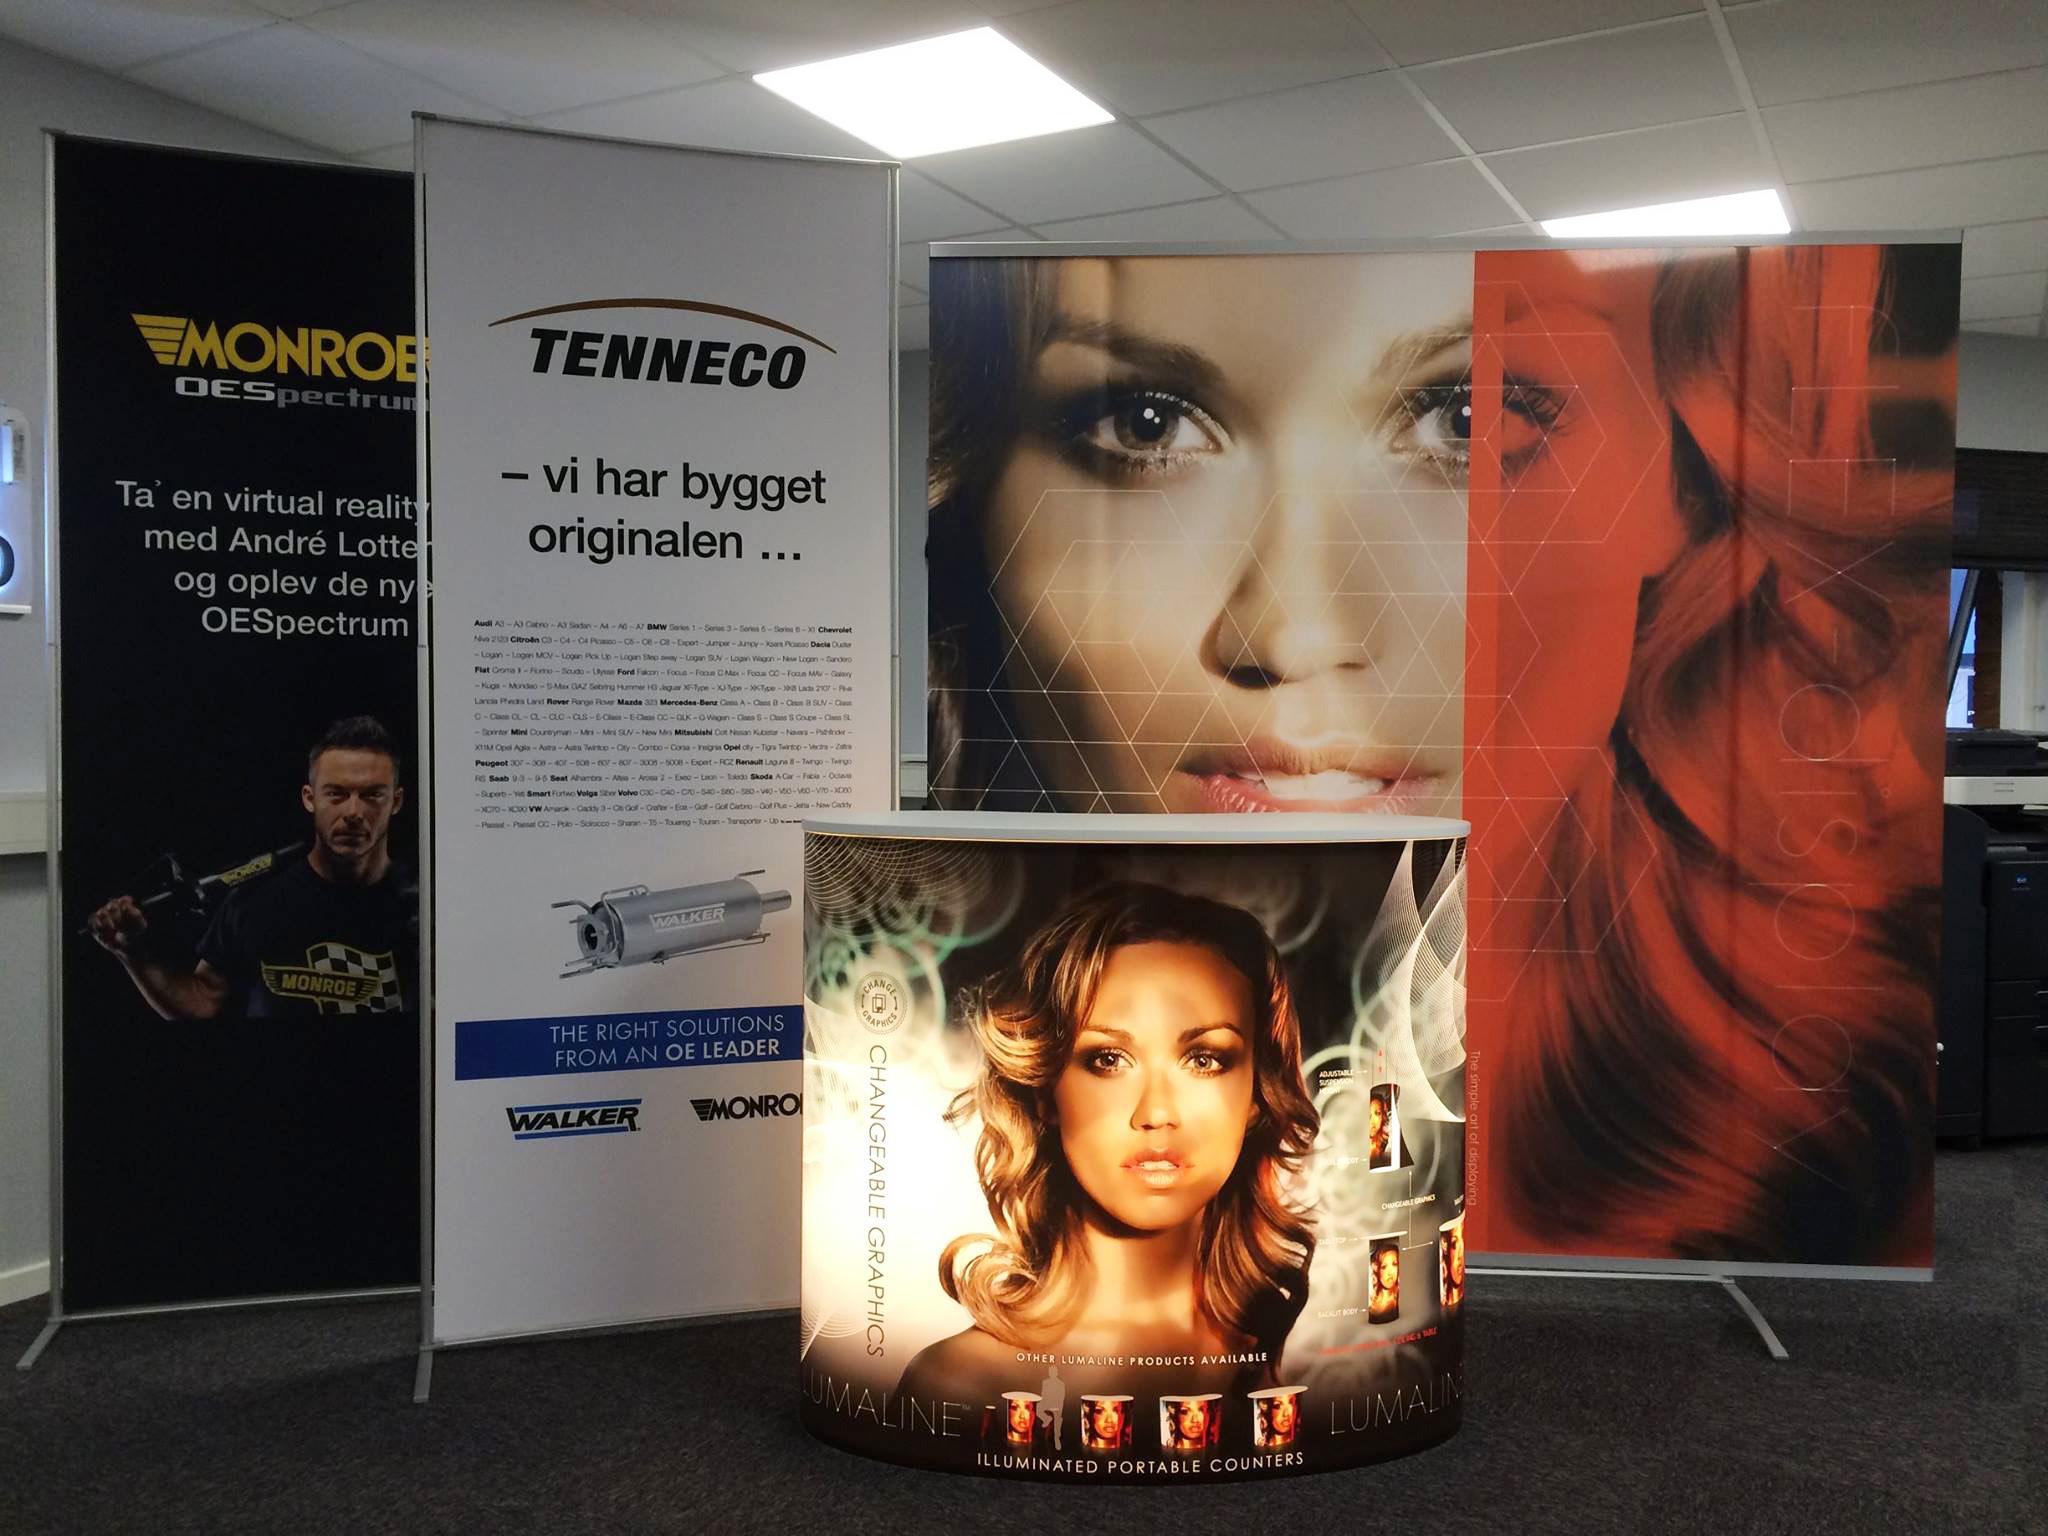 Et udstillingssystem printet i stort format med forskellige farver i høj kvalitet